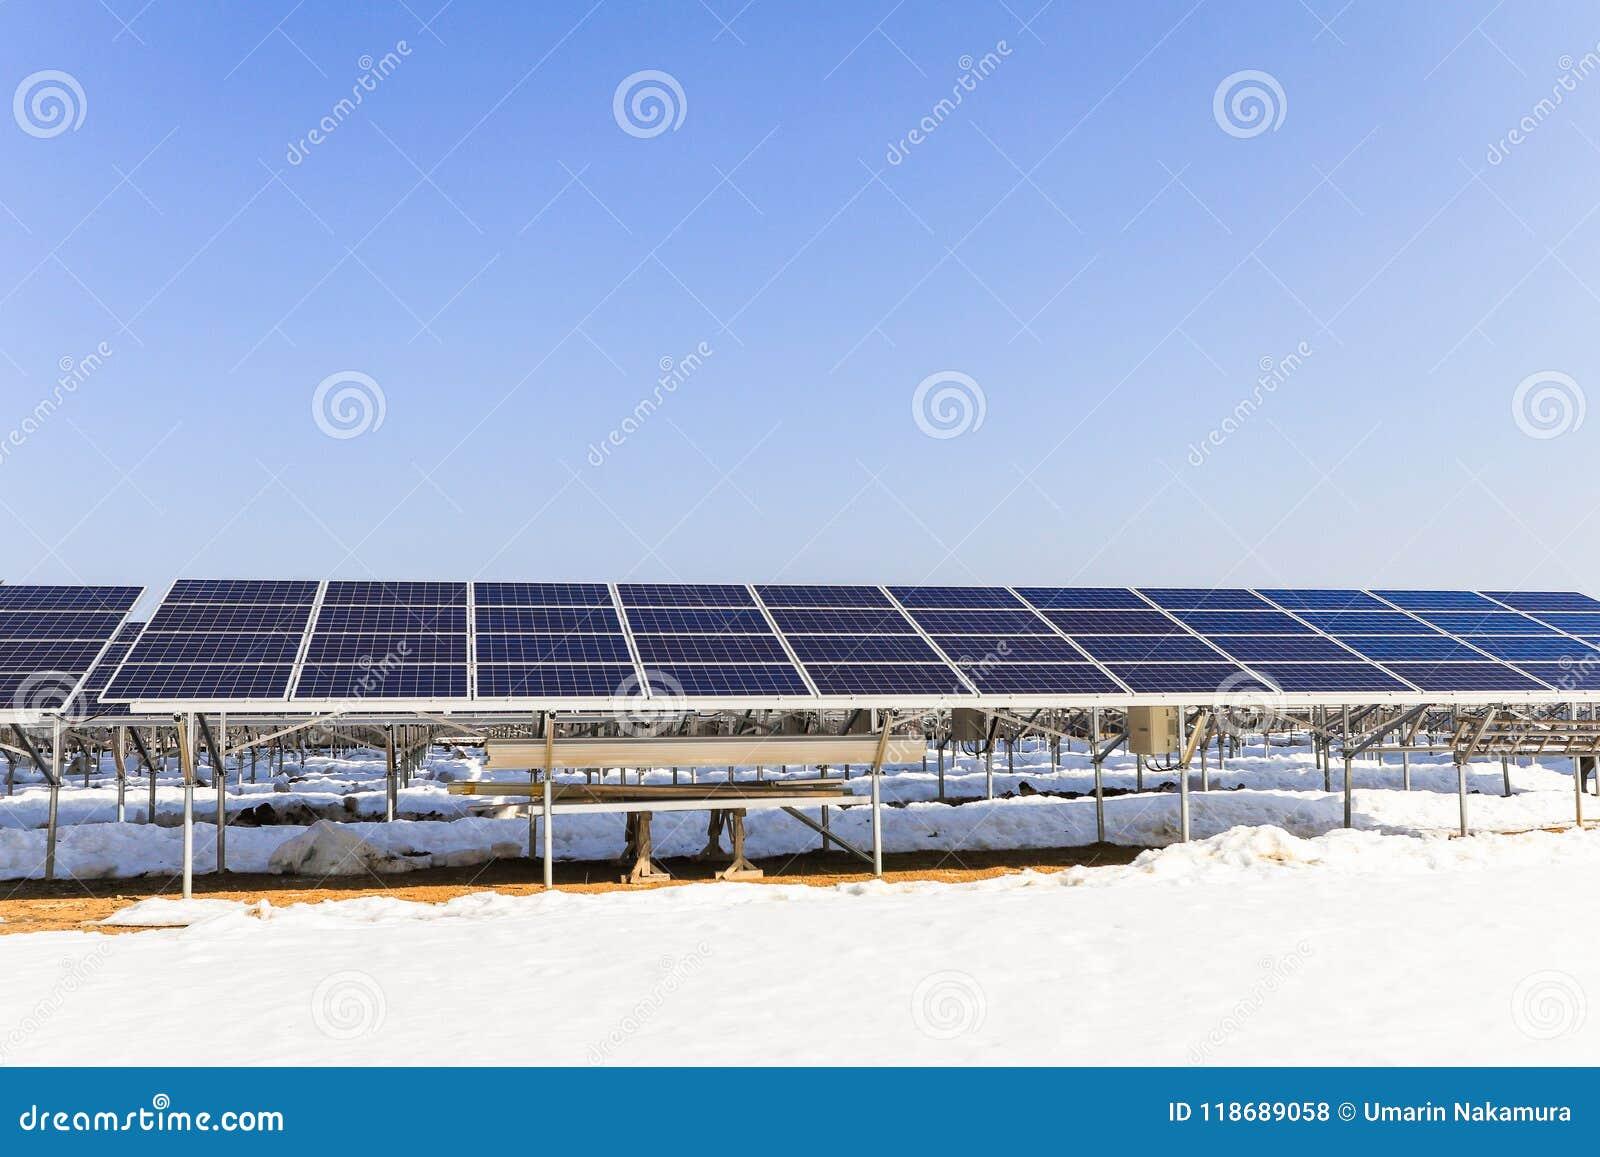 Solarenergiegremien, photo-voltaische Module für Innovation grünen e